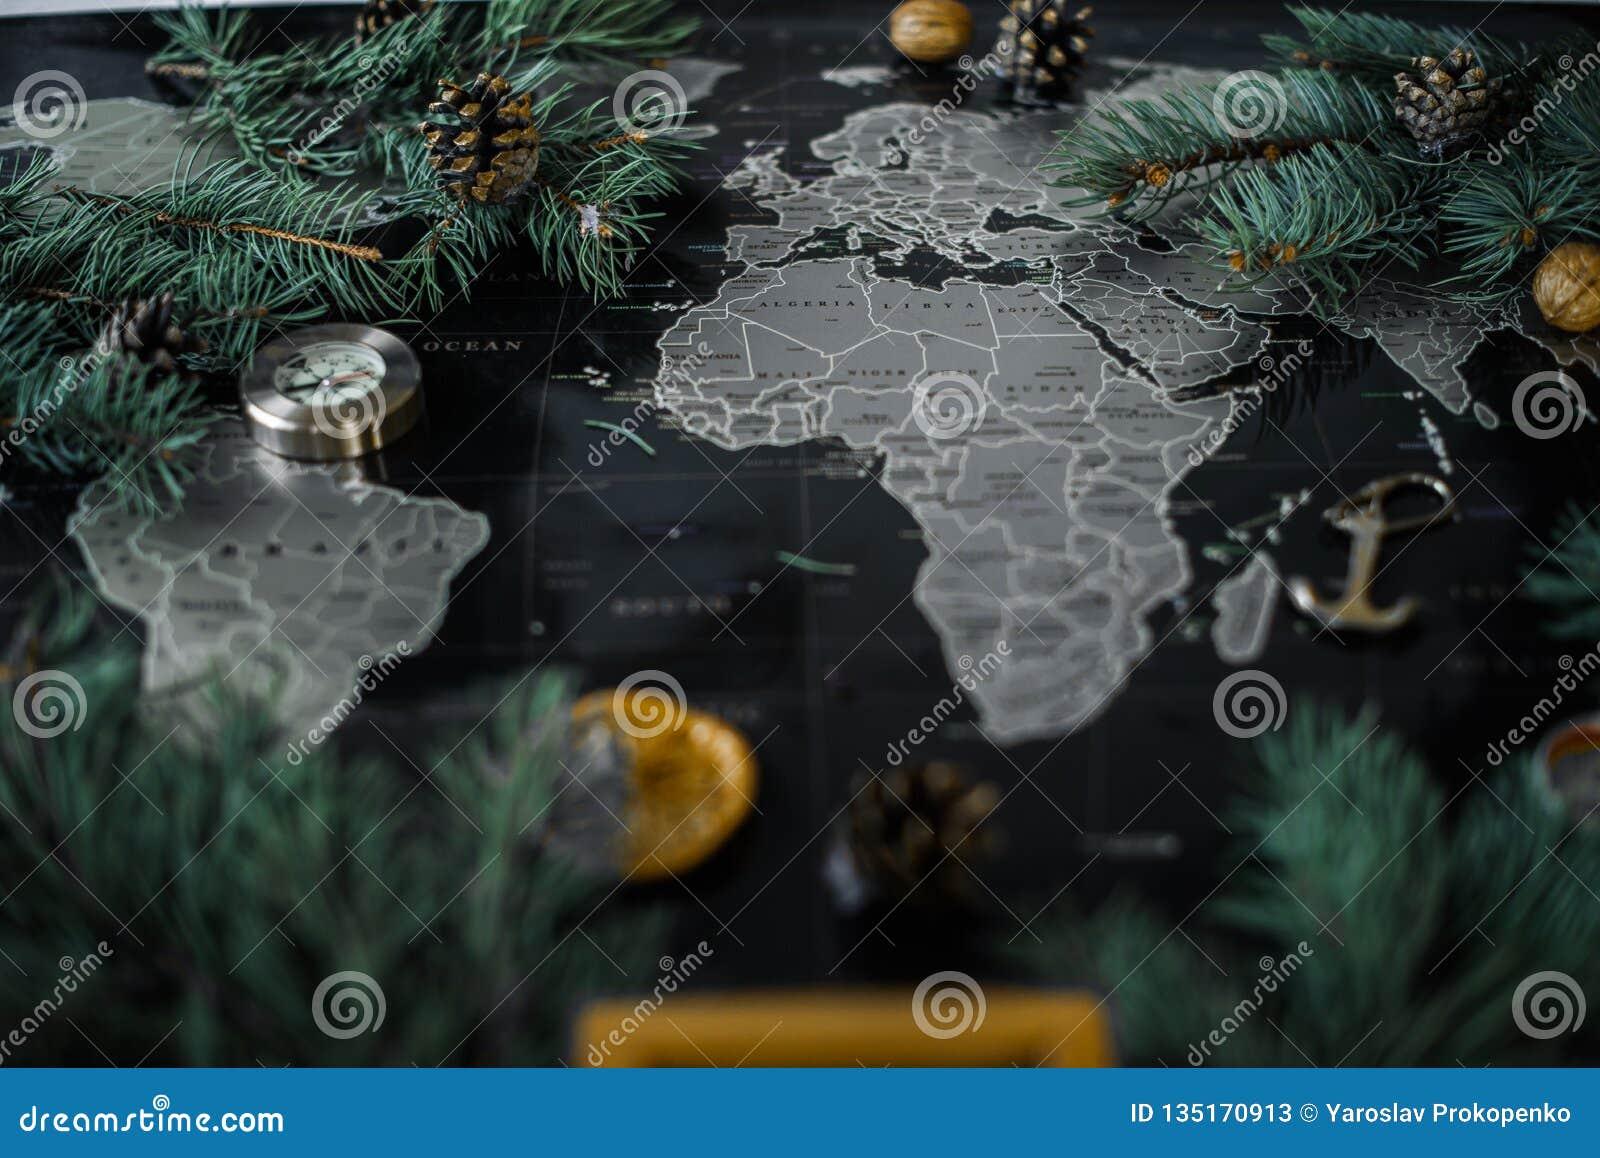 Κλάδοι και πυξίδα χριστουγεννιάτικων δέντρων σε έναν μαύρο χάρτη